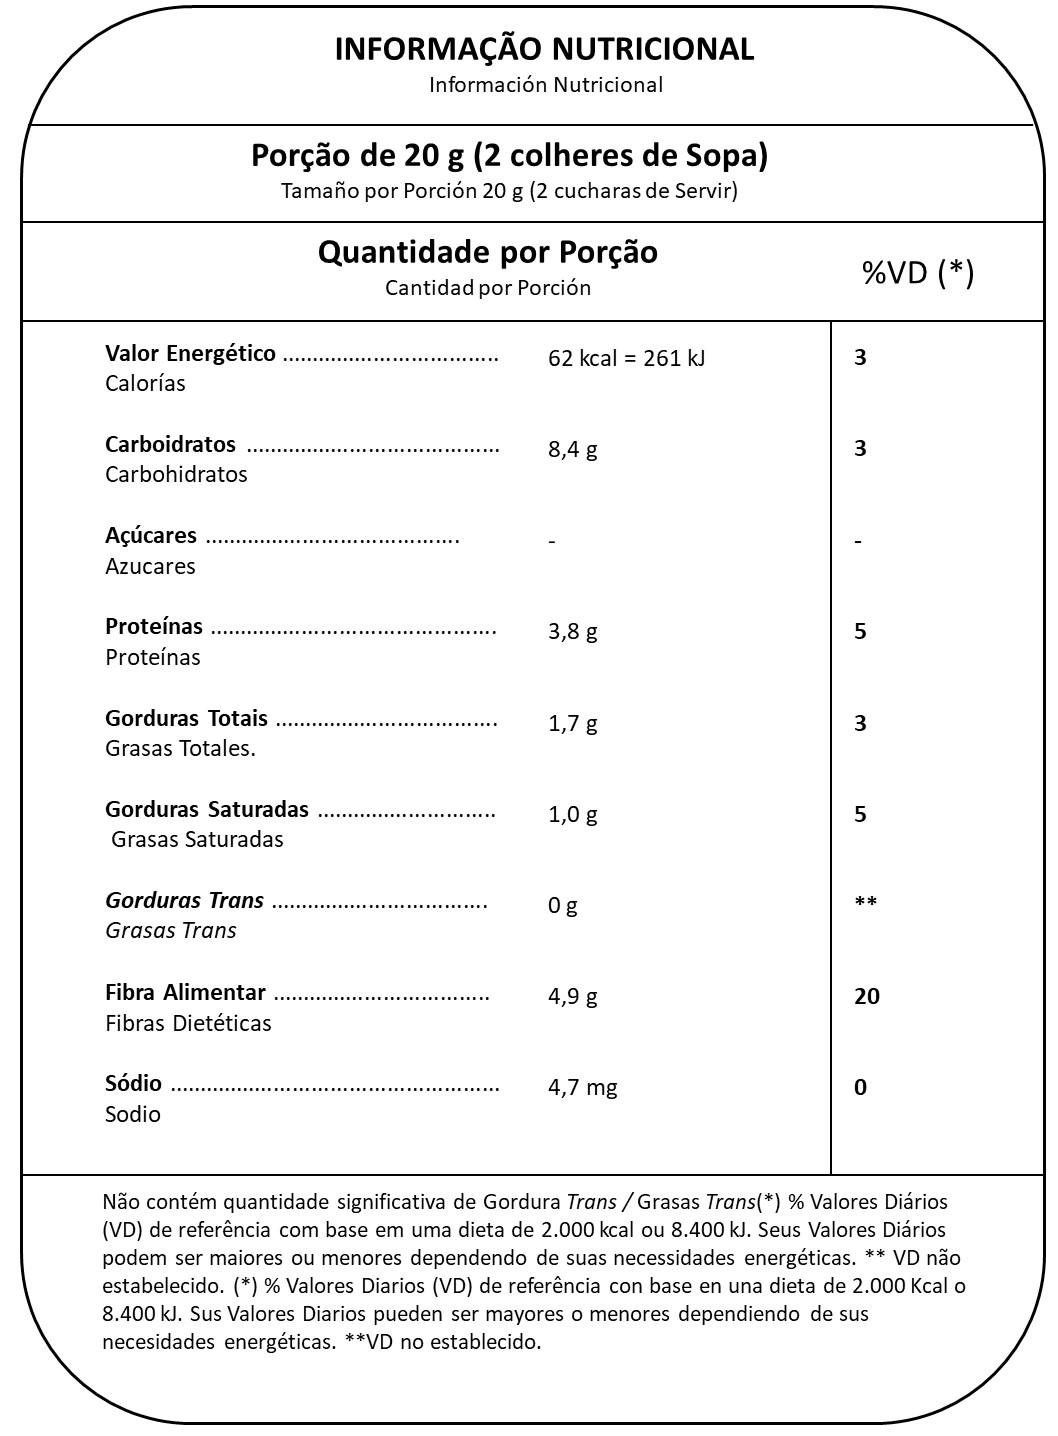 https://www.mavalerio.com.br/wp-content/uploads/2019/12/TN-Chocolate-em-P%C3%B3-70-Cacau-200-g.jpg?rel=0